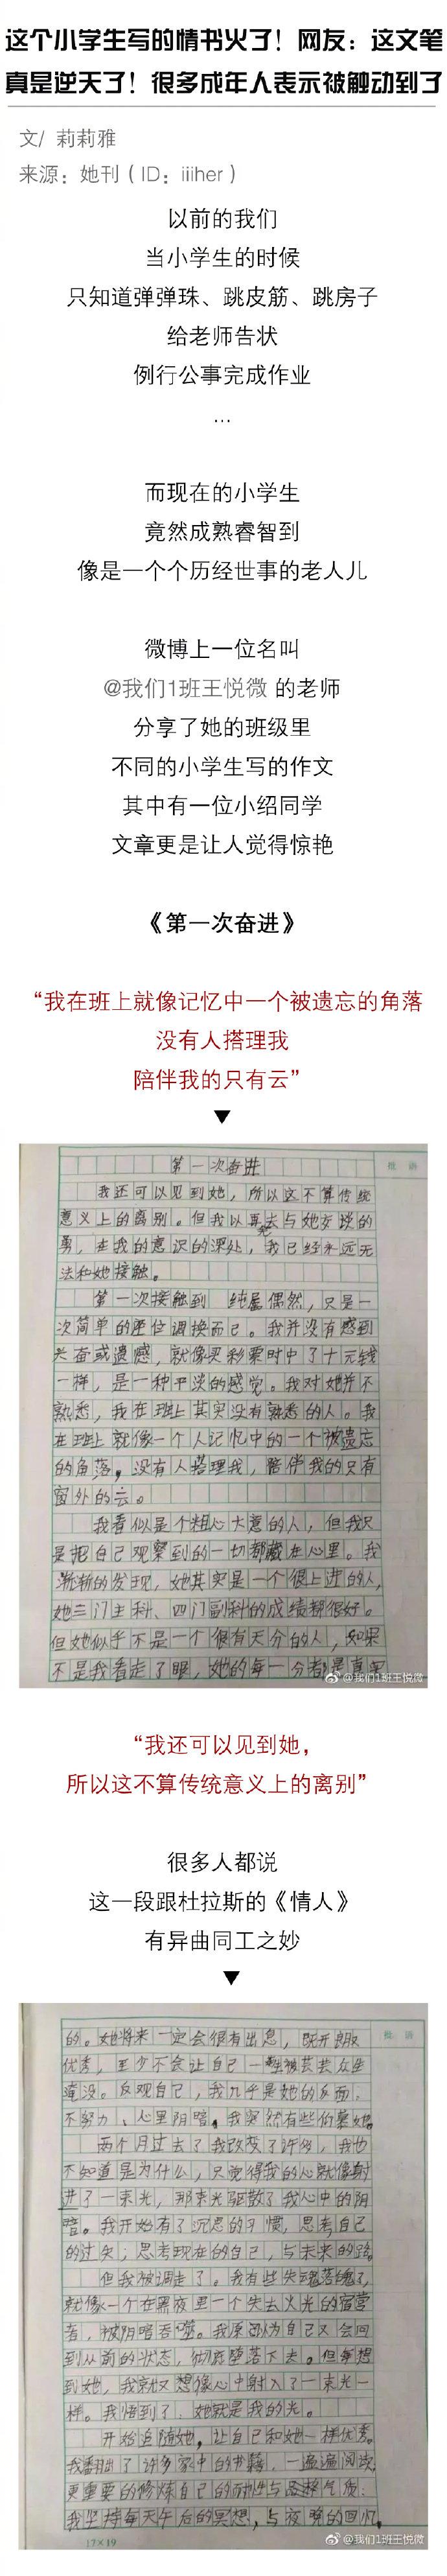 这个小学生写的情书火了!网友:这文笔真是逆天了